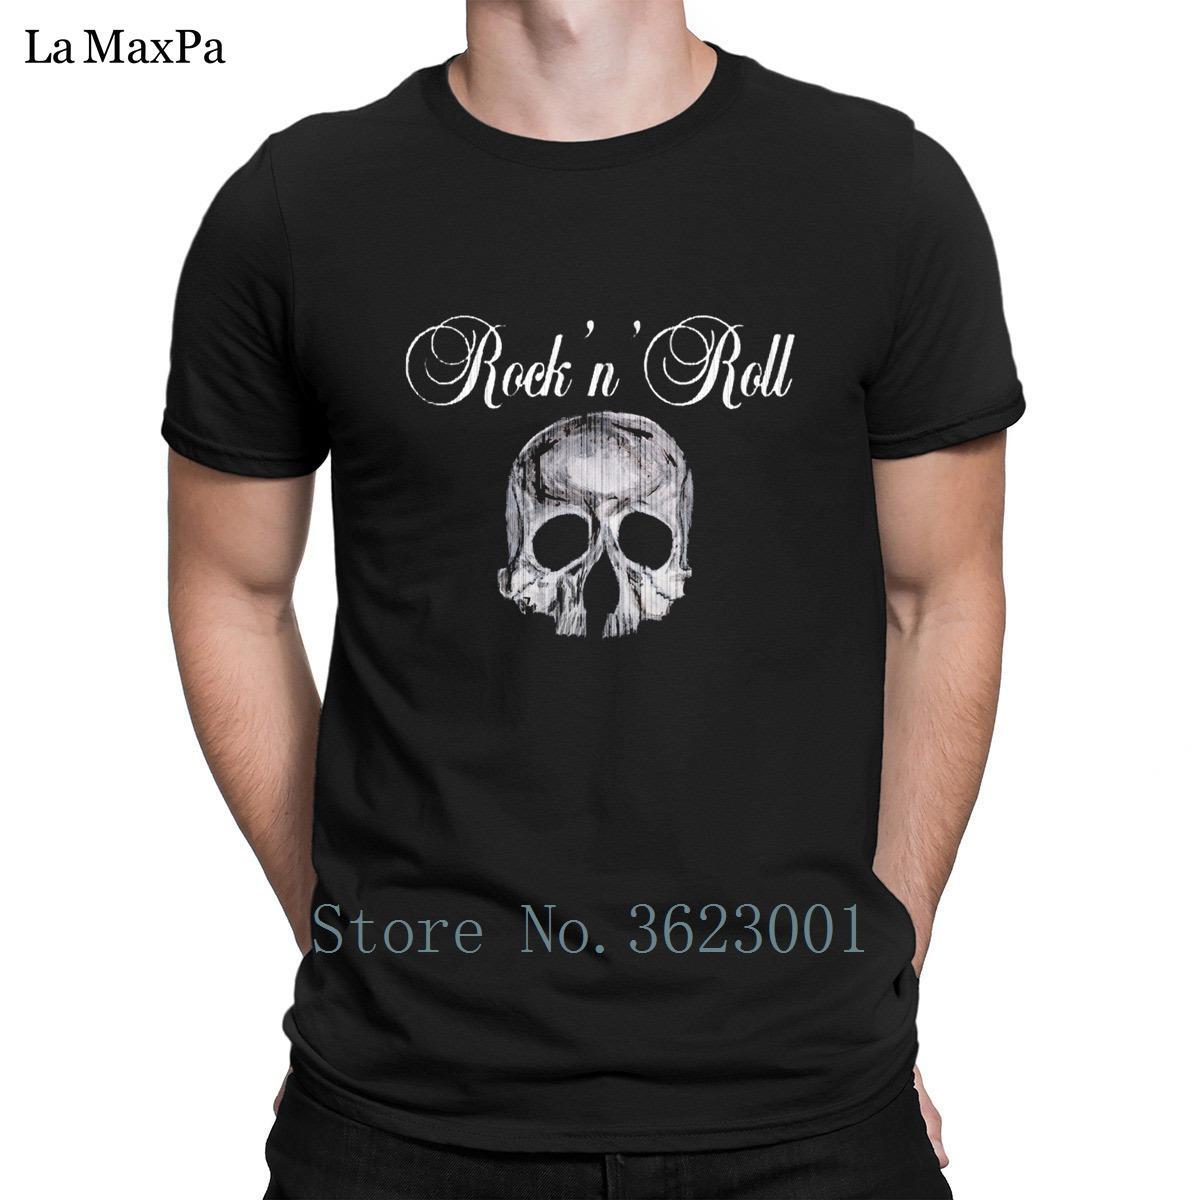 Erkekler Yuvarlak Yaka Fitness İçin Yaratık Şık Tişört Erkek KAFATASI rock'n'roll BÖLGE Tişört Temel Erkekler Tee Gömlek Komik Tişörtlü